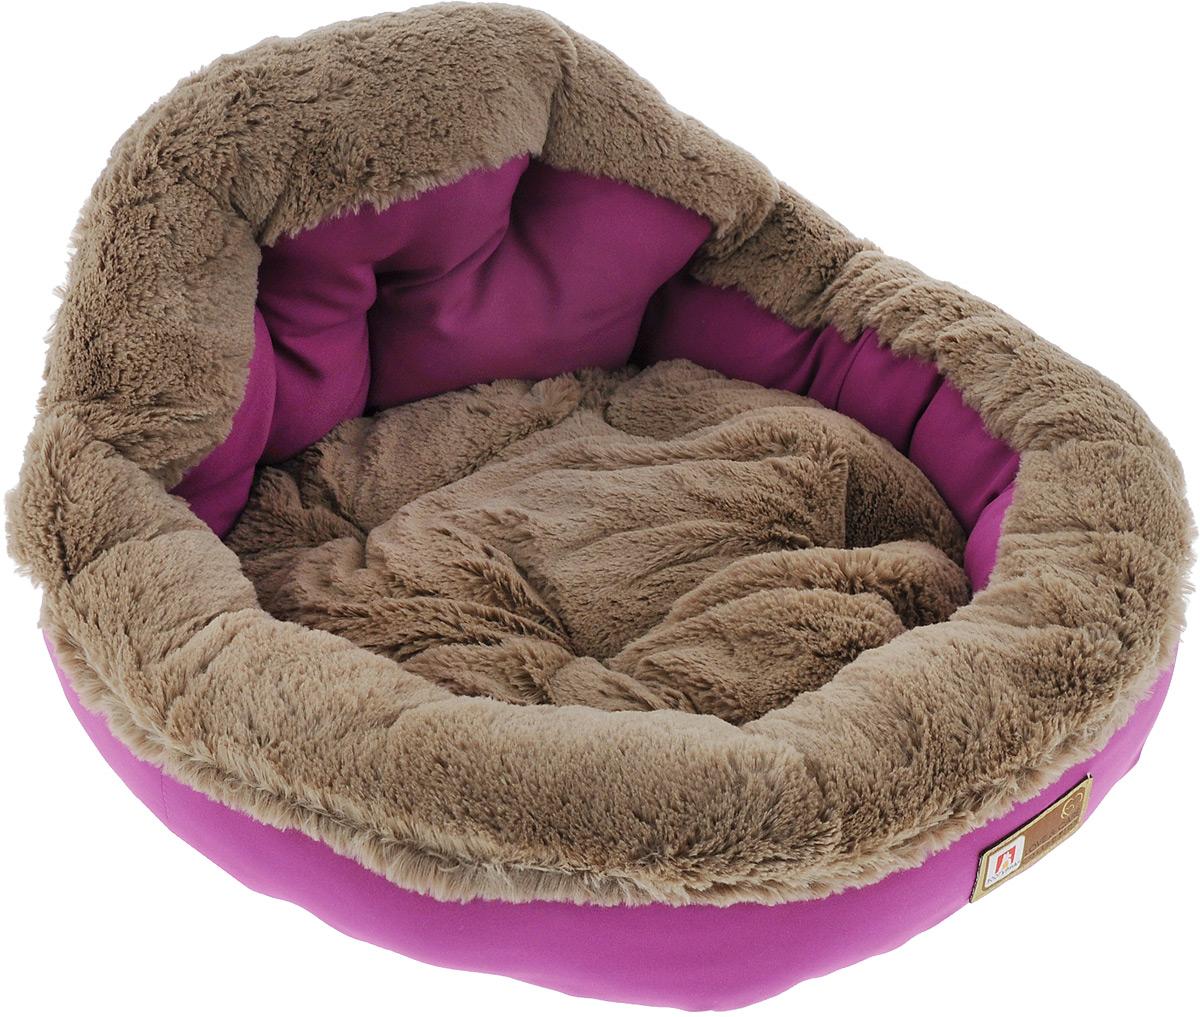 Лежак для собак и кошек Зоогурман Президент, цвет: розовый, 45 см х 45 см х 20 см2182Мягкий и уютный лежак для кошек и собак Зоогурман Президент обязательно понравится вашему питомцу. Лежак выполнен из нежного, приятного материала. Внутри - мягкий наполнитель, который не теряет своей формы долгое время.Внутри лежака съемная меховая подушка. Мягкий, приятный и теплый лежак обеспечит вашему любимцу уют и комфорт. За изделием легко ухаживать, можно стирать вручную или в стиральной машине при температуре 40°С. Материал бортиков: микроволоконная шерстяная ткань.Материал спинки и матрасика: искусственный мех.Наполнитель: гипоаллергенное синтетическое волокно.Размер: 45 см х 45 см х 20 см.